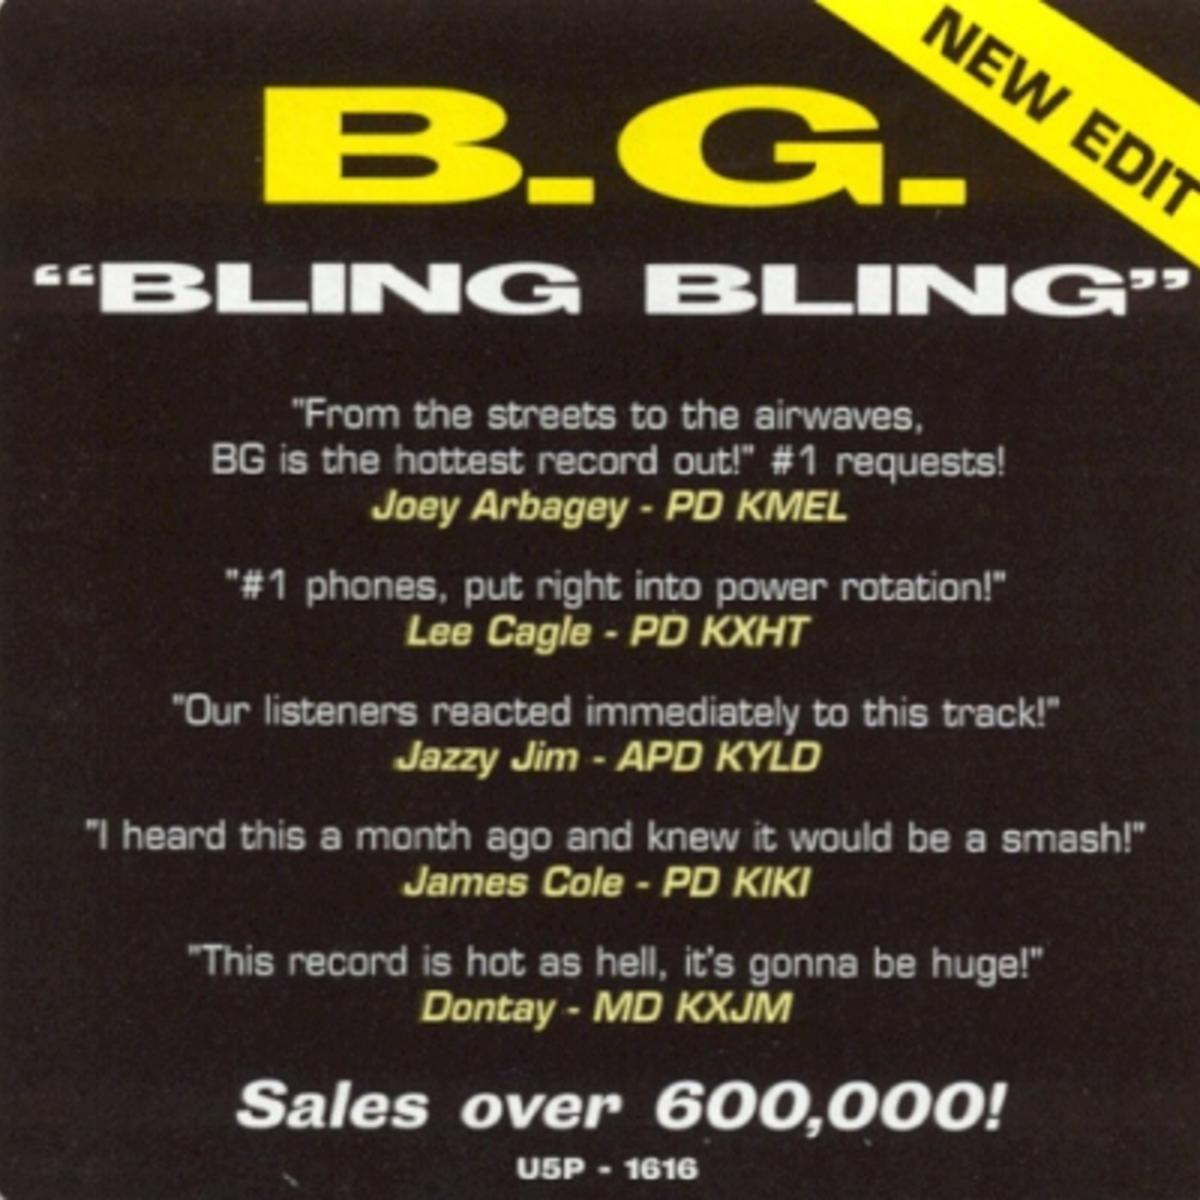 B.G. Ft. Big Tymers & Hot Boyz - Bling Bling mp3 download